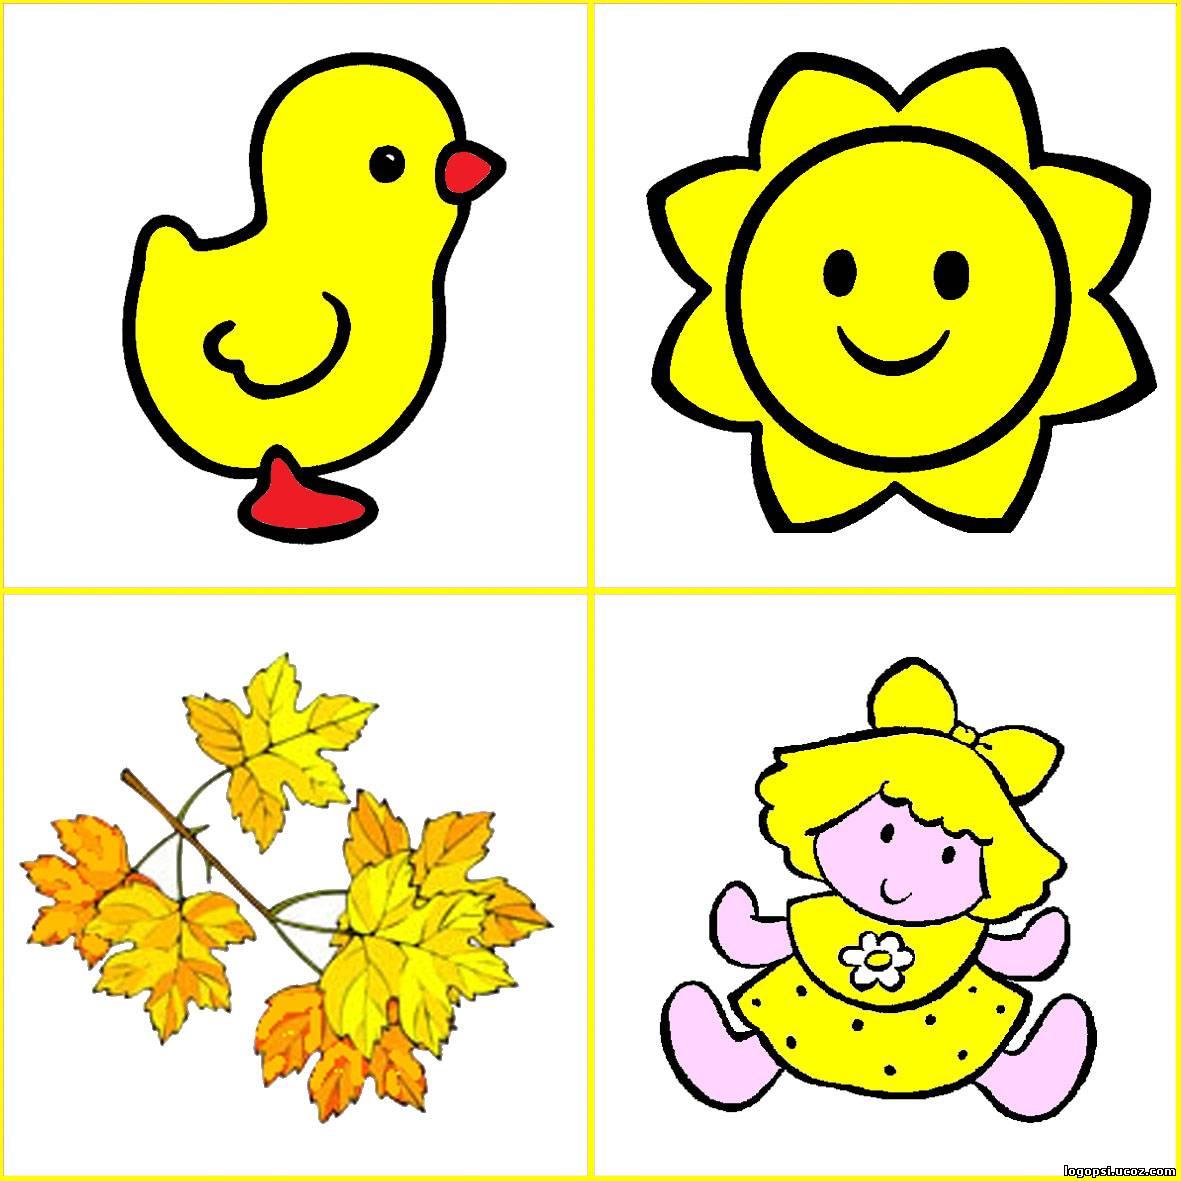 процесс красно-желтые картинки для малышей для